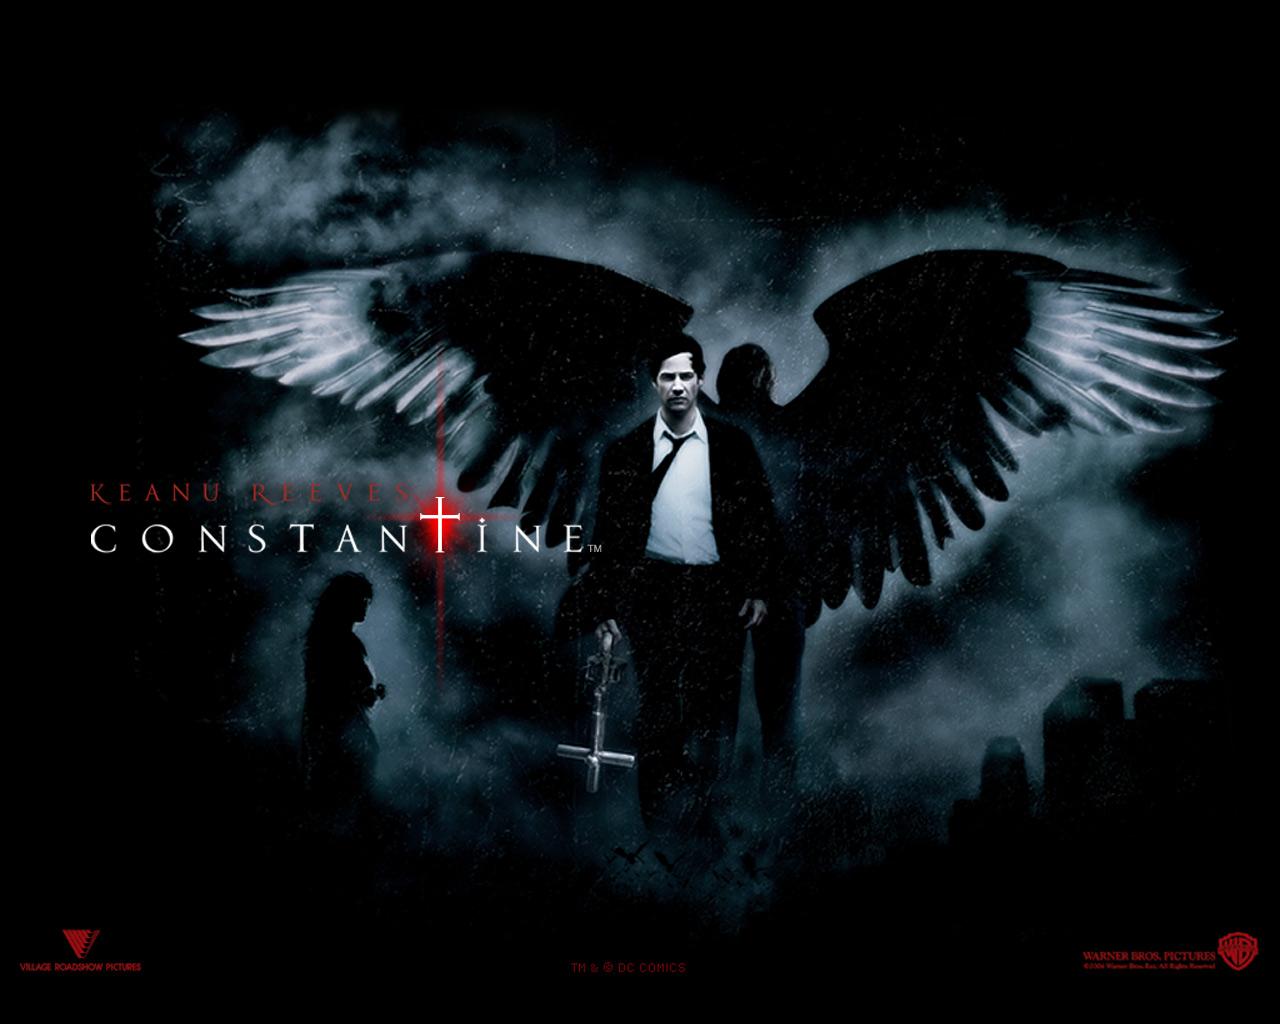 http://3.bp.blogspot.com/-rl5rqj4Y8xc/UIcXGHXJcAI/AAAAAAAAAB0/GDBZAh3_ZY0/s1600/Constantine_1_1280x1024.jpg